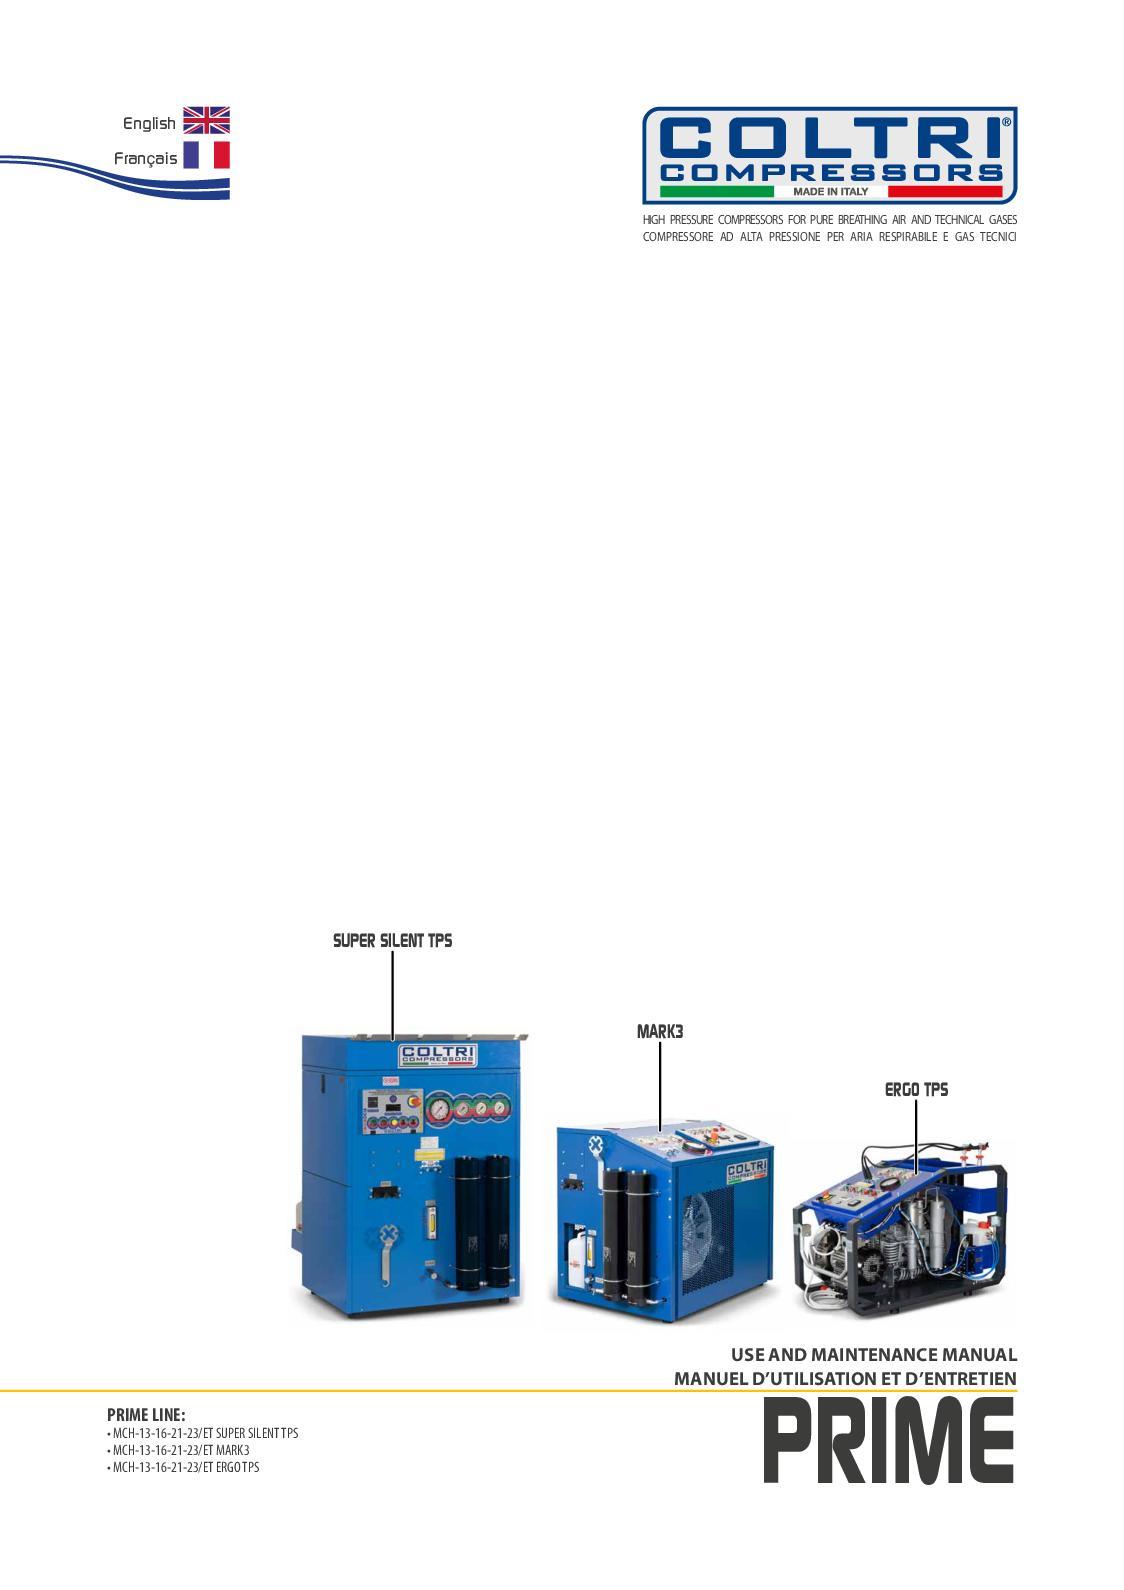 Pompe manuelle avec accessoires SRL 1500 environ 12 l//min diesel Fuel petroleum